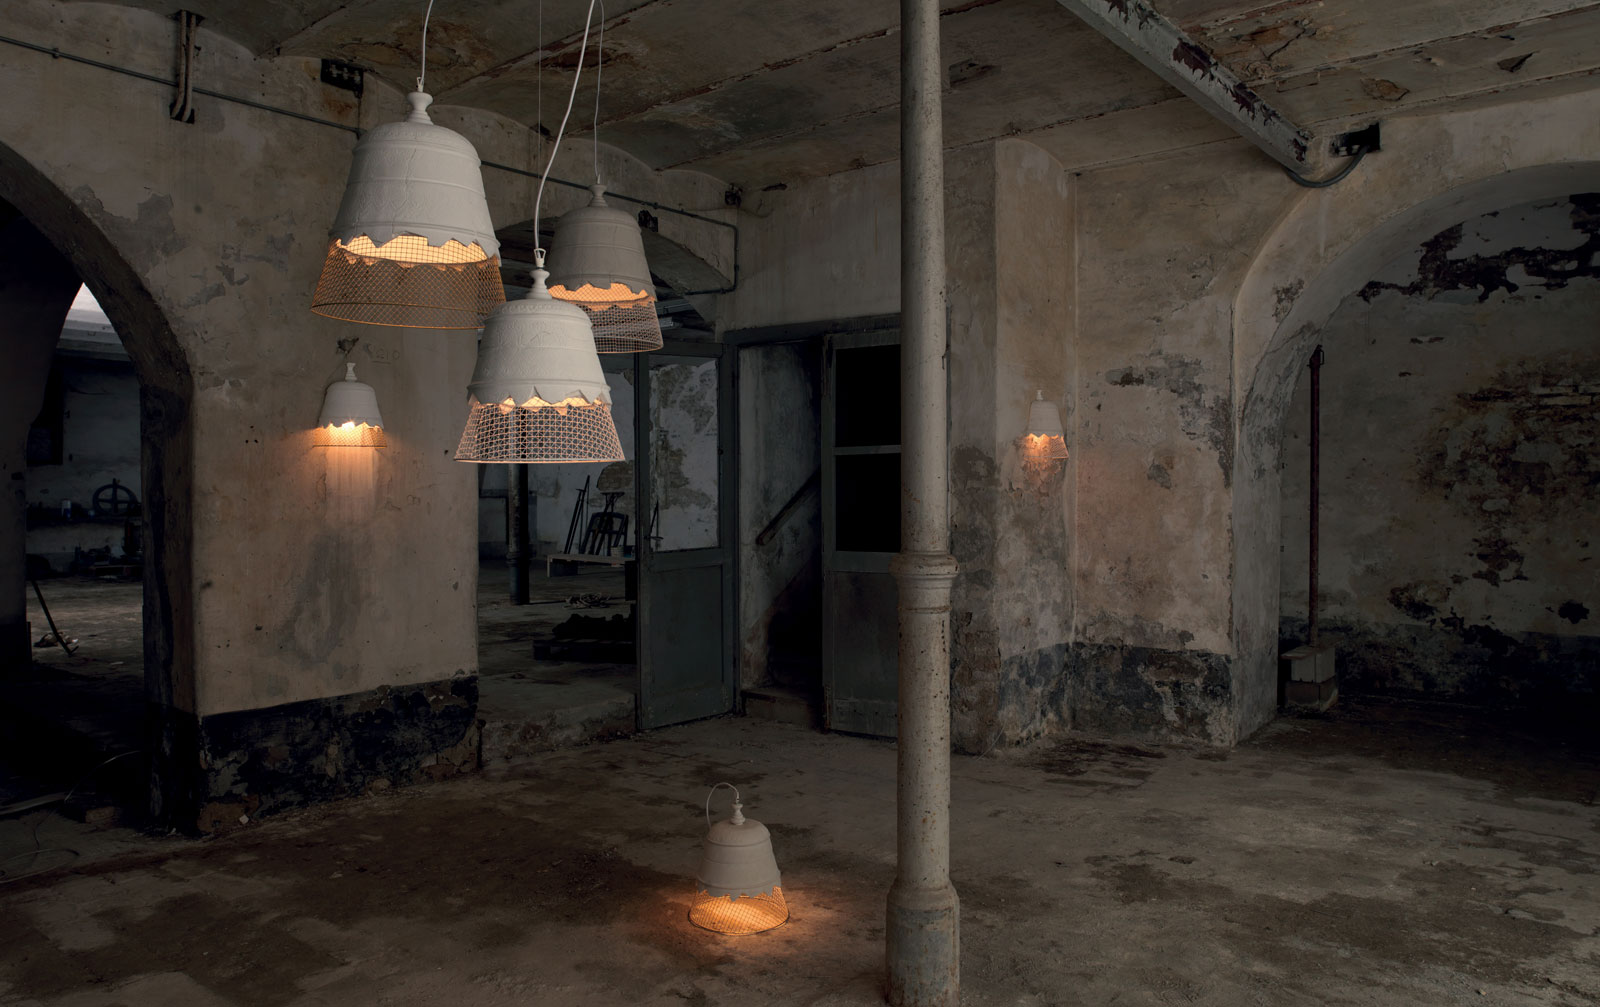 lighting-collection-karman